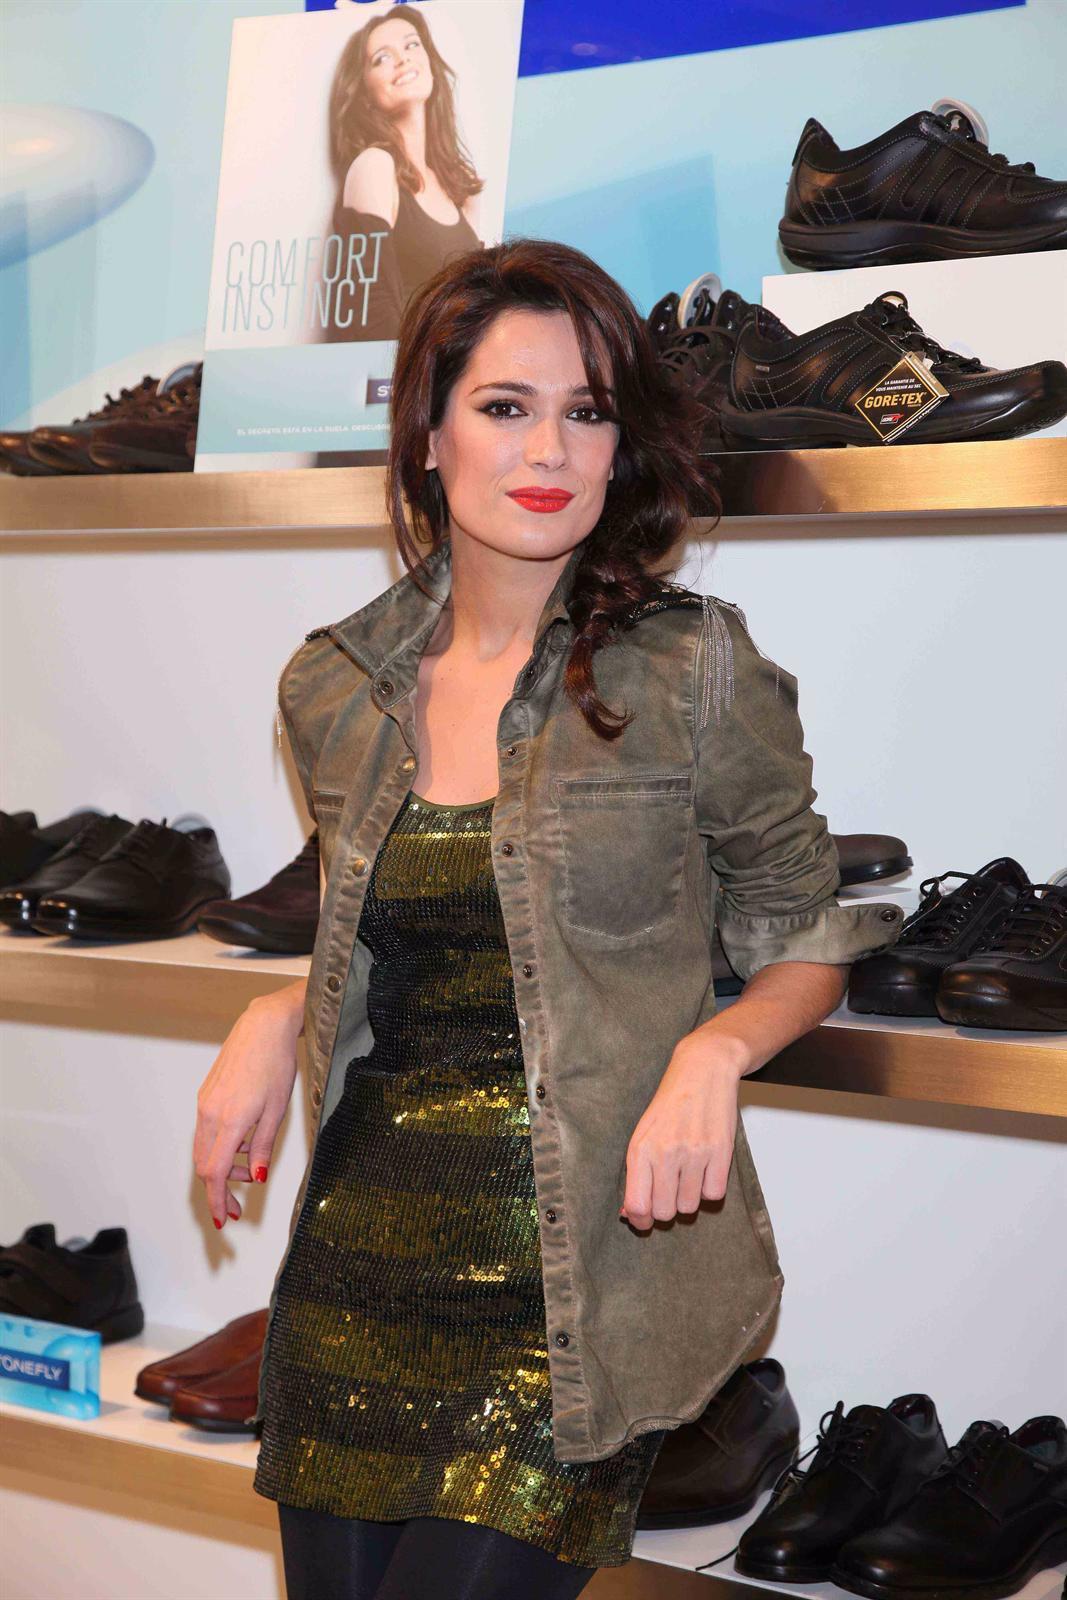 La Actriz Y Presentadora Mar Saura Posa Con Los Zapatos Que Promociona